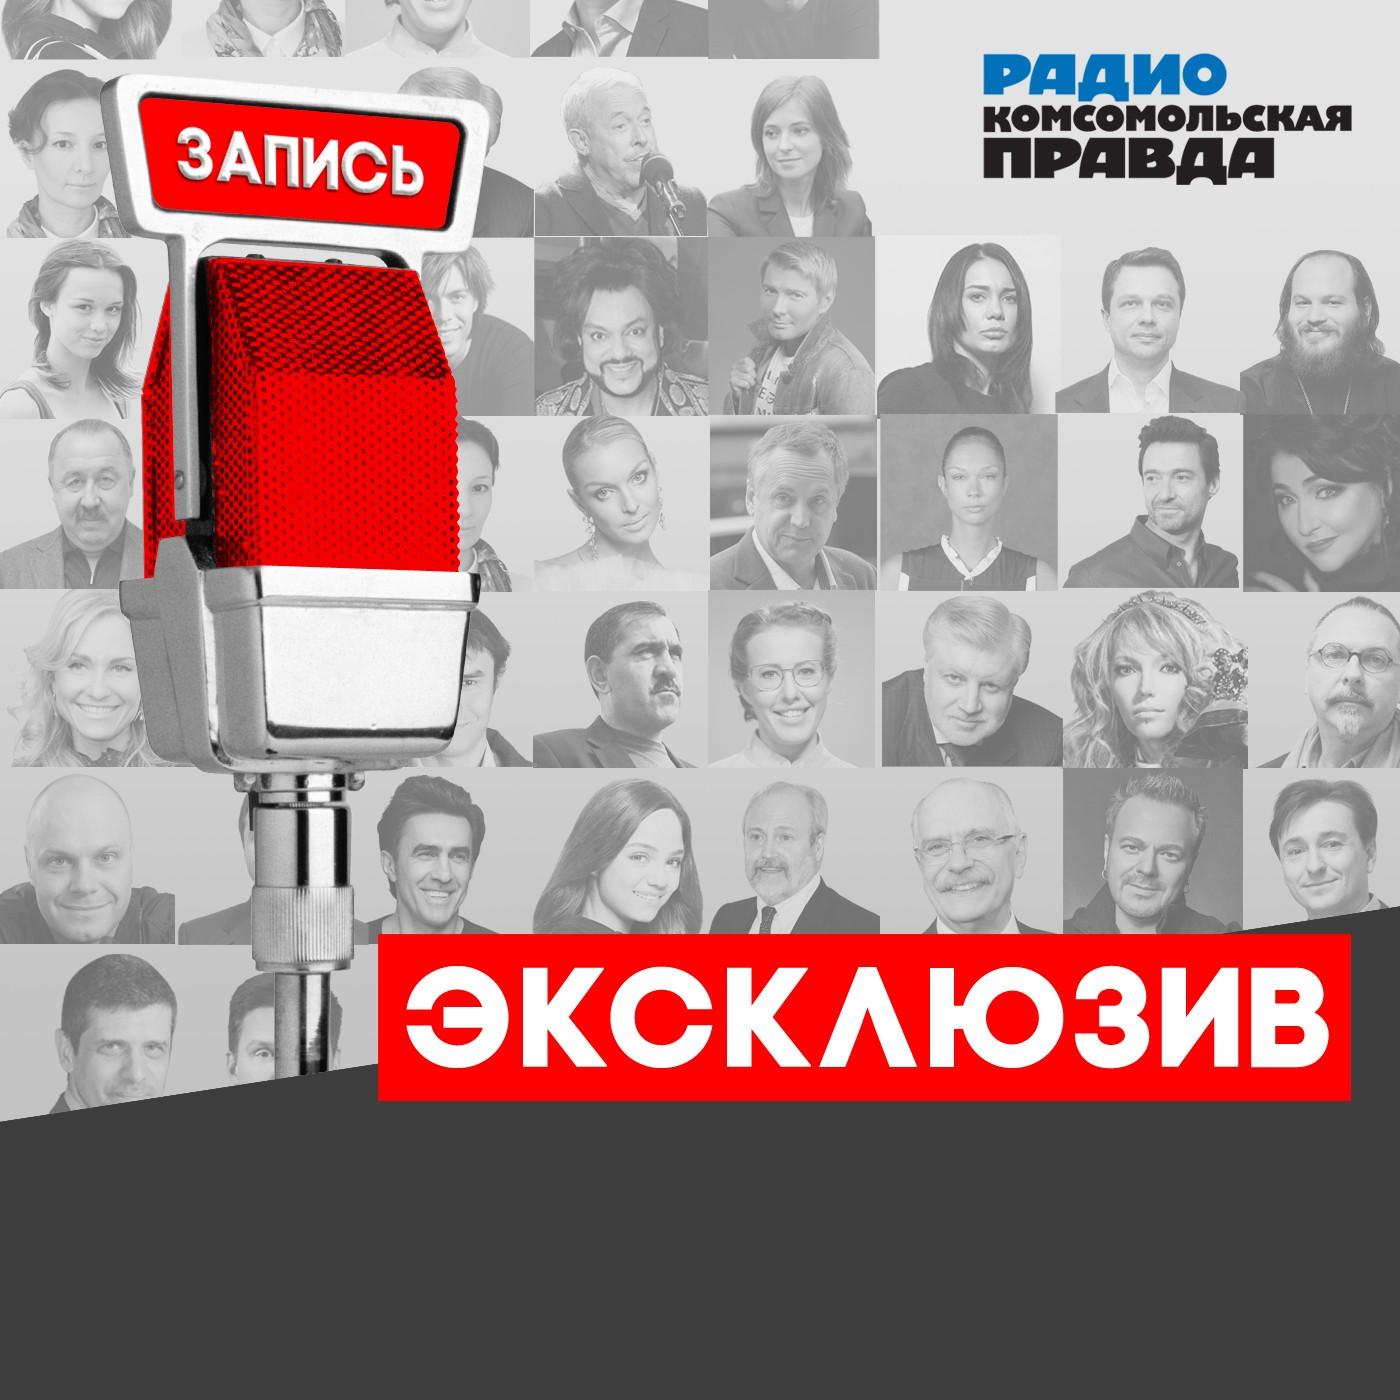 Радио «Комсомольская правда» Вице-премьер Юрий Трутнев: Землю на Дальнем Востоке теперь может получить любой россиянин